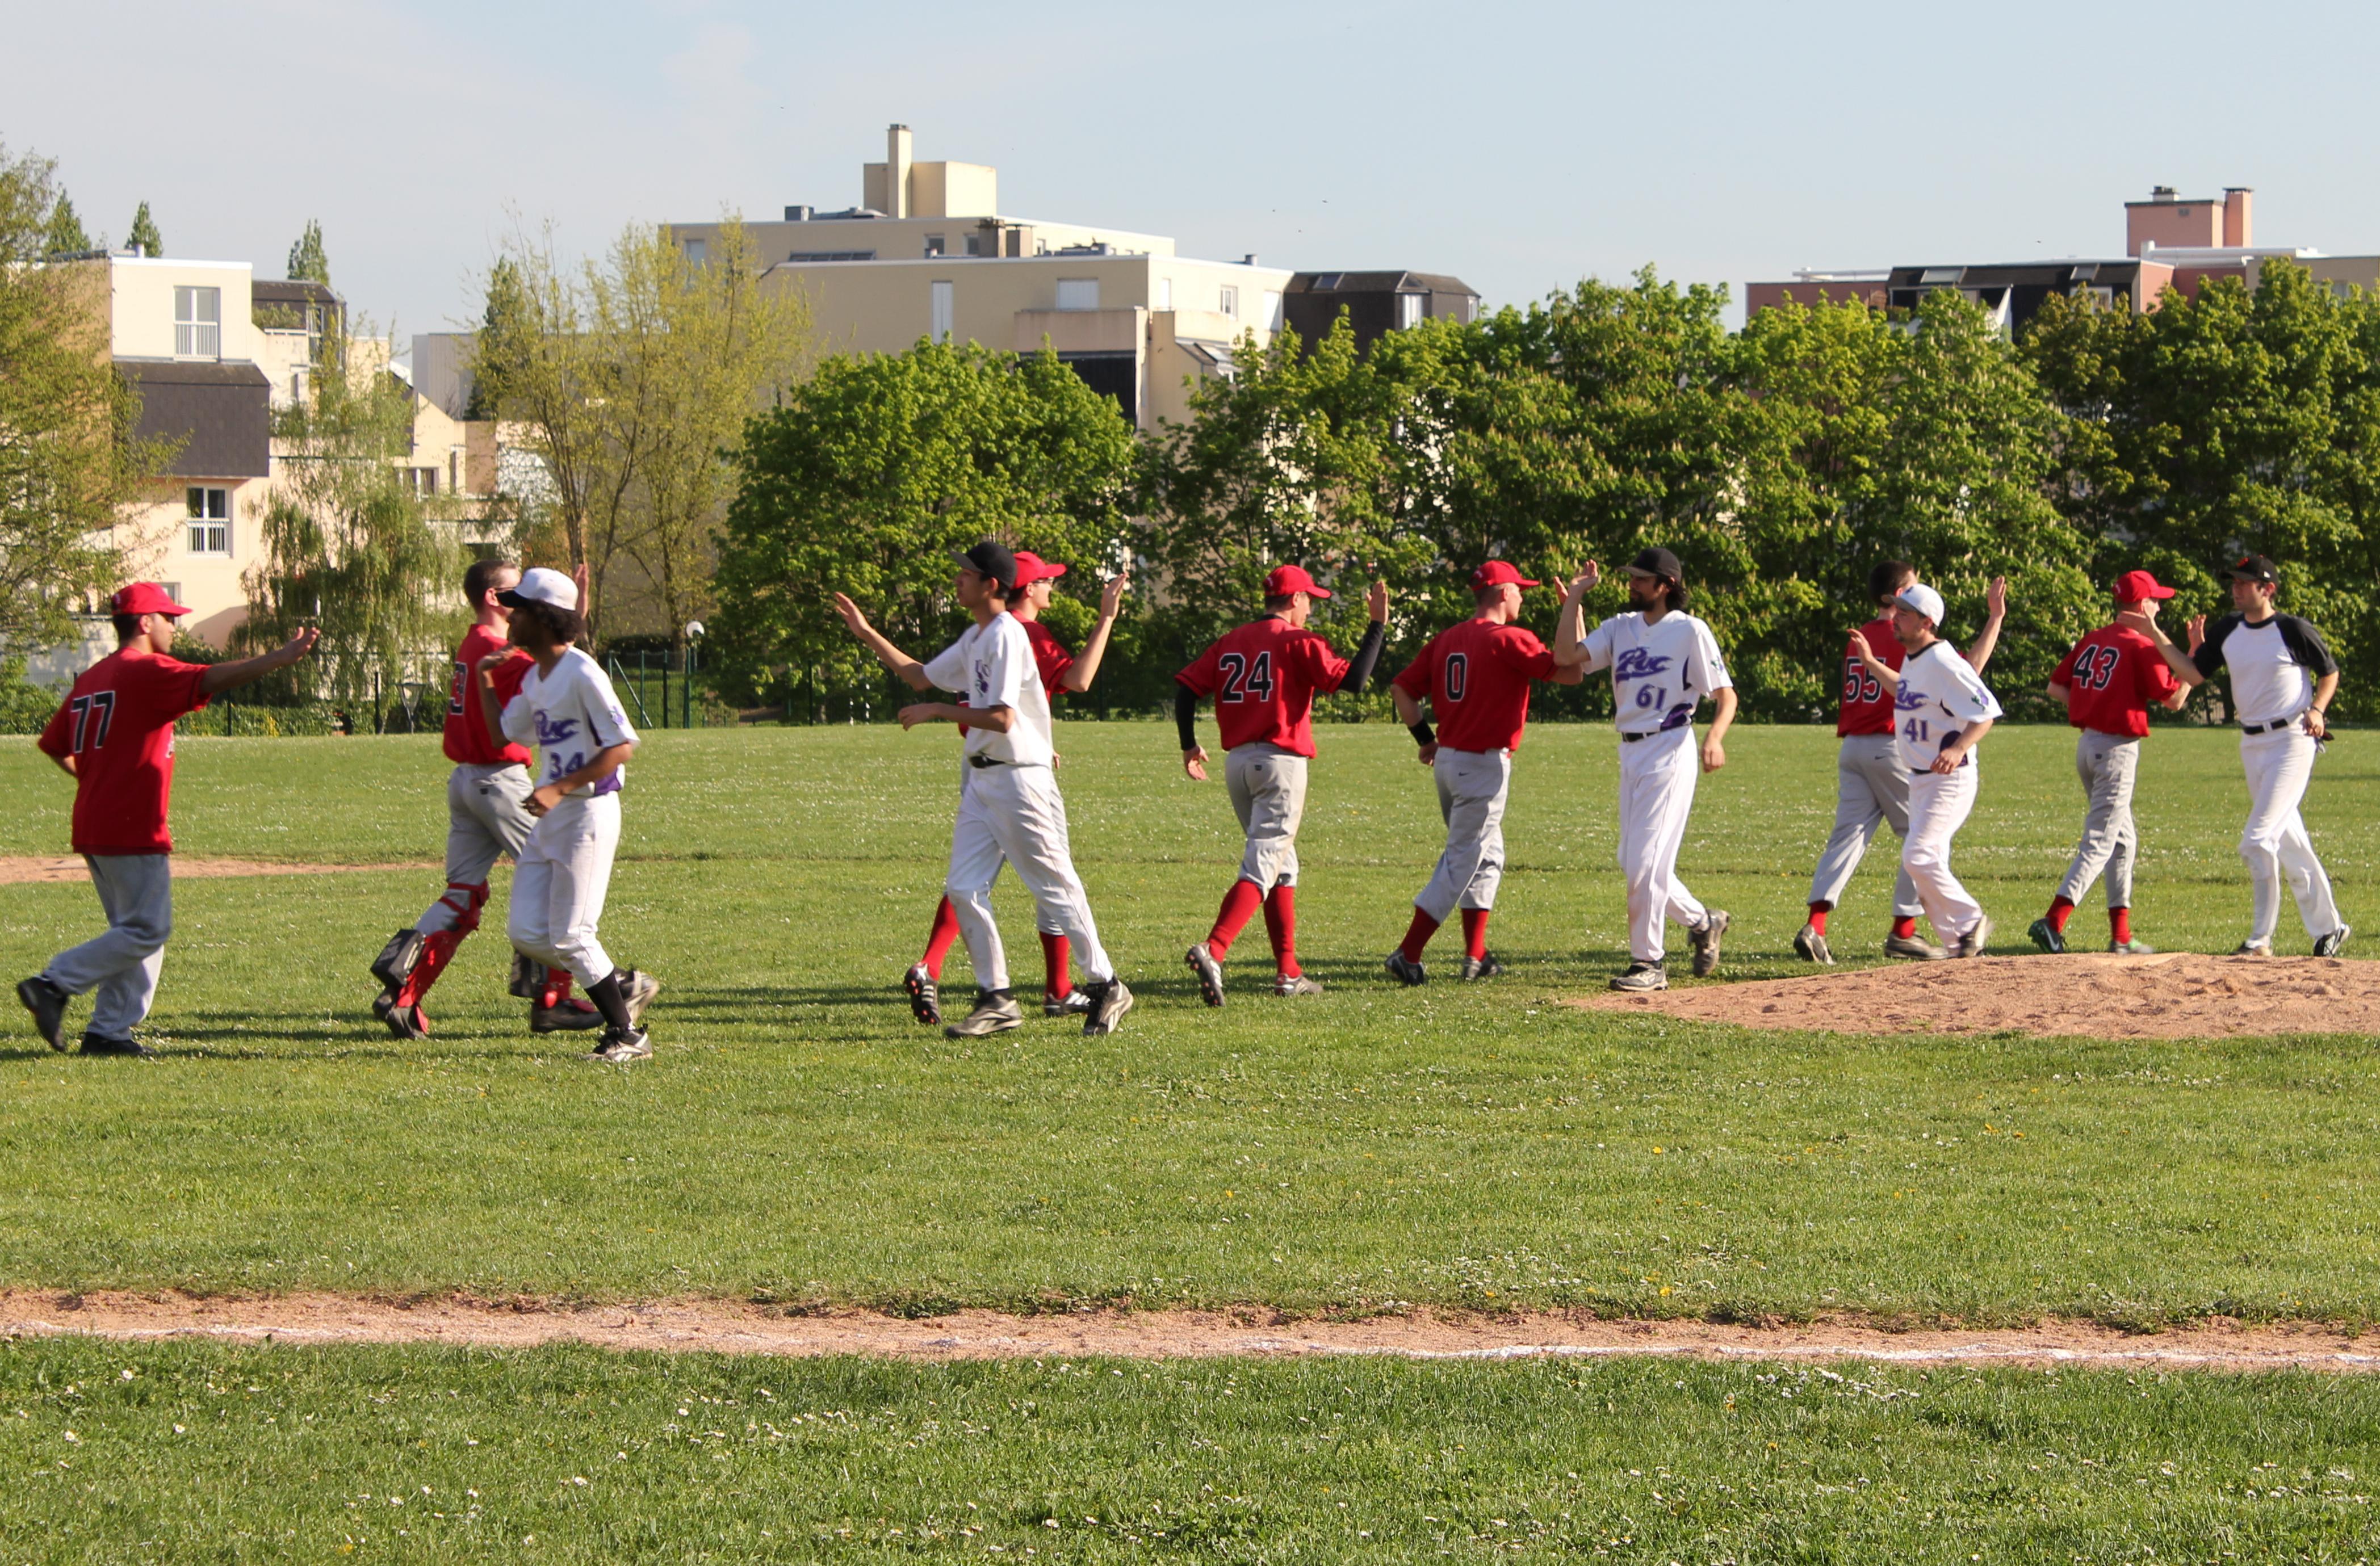 2011-04-10 - Baseball vs PUC 3 a Cergy (82)